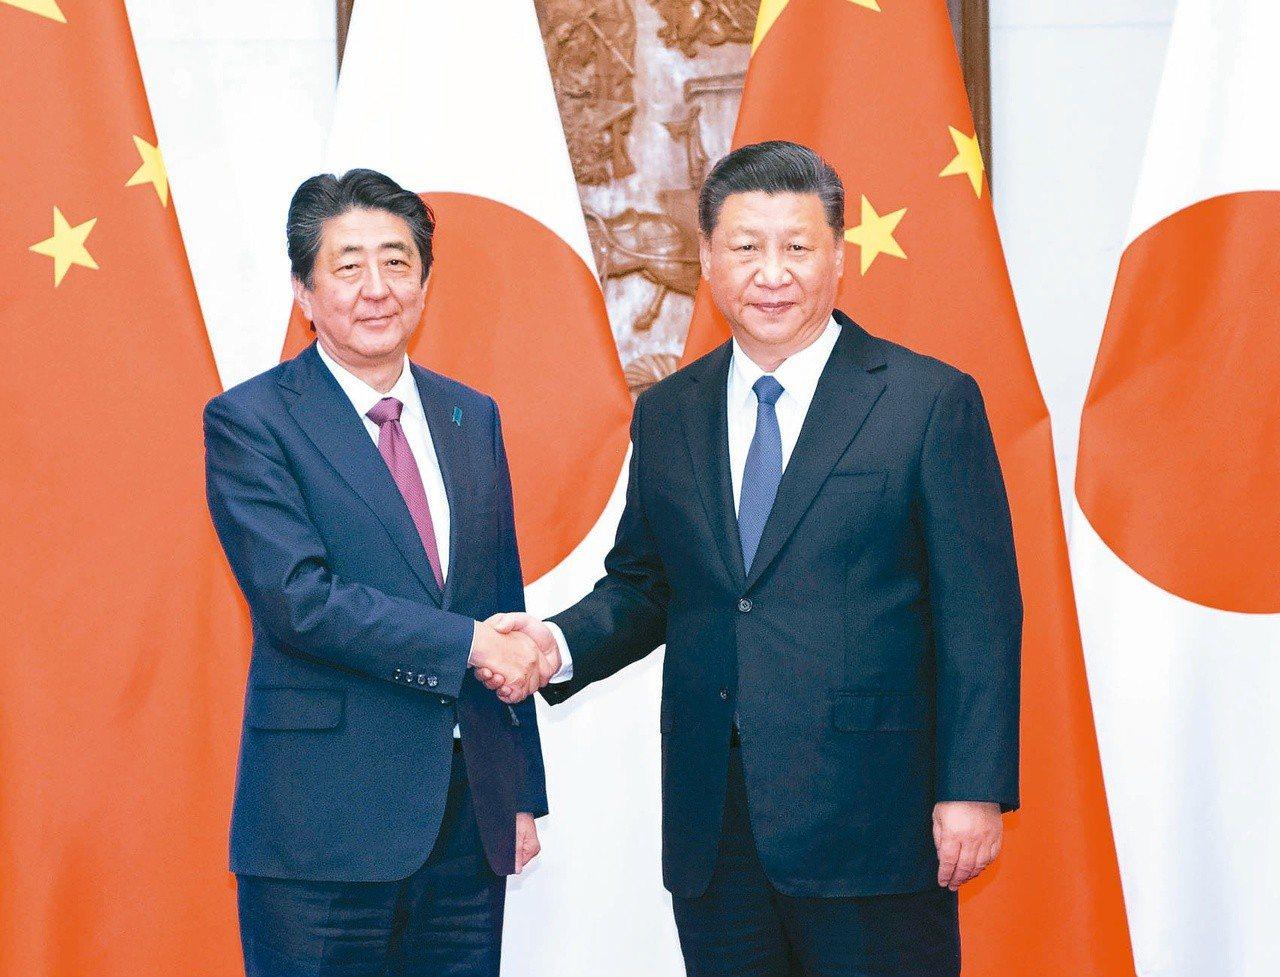 日本首相安倍晉三(左)結束訪陸,日本媒體指雙方關係從競爭走向協調,但還存在釣魚台...